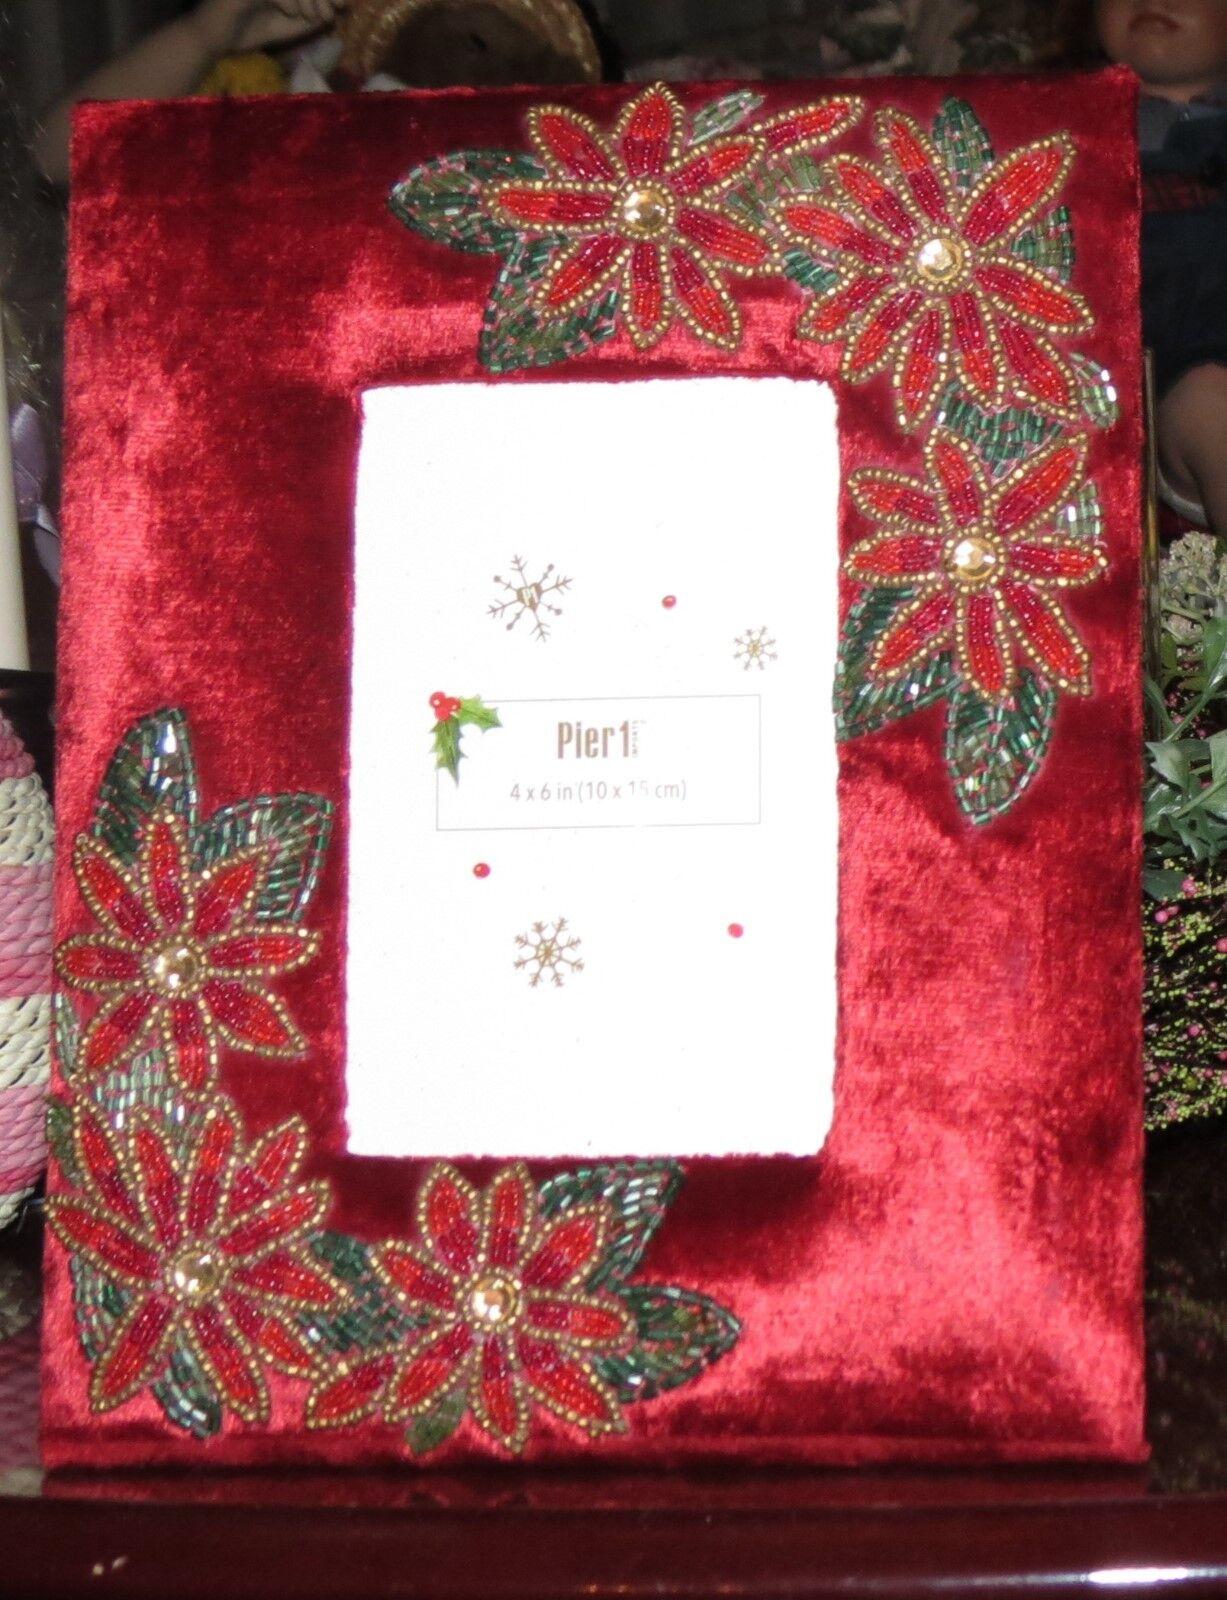 PIER 1 CHRISTMAS RED VELVET RED BROWN GREEN GOLD BEADED FLOWER PICTURE FRAME